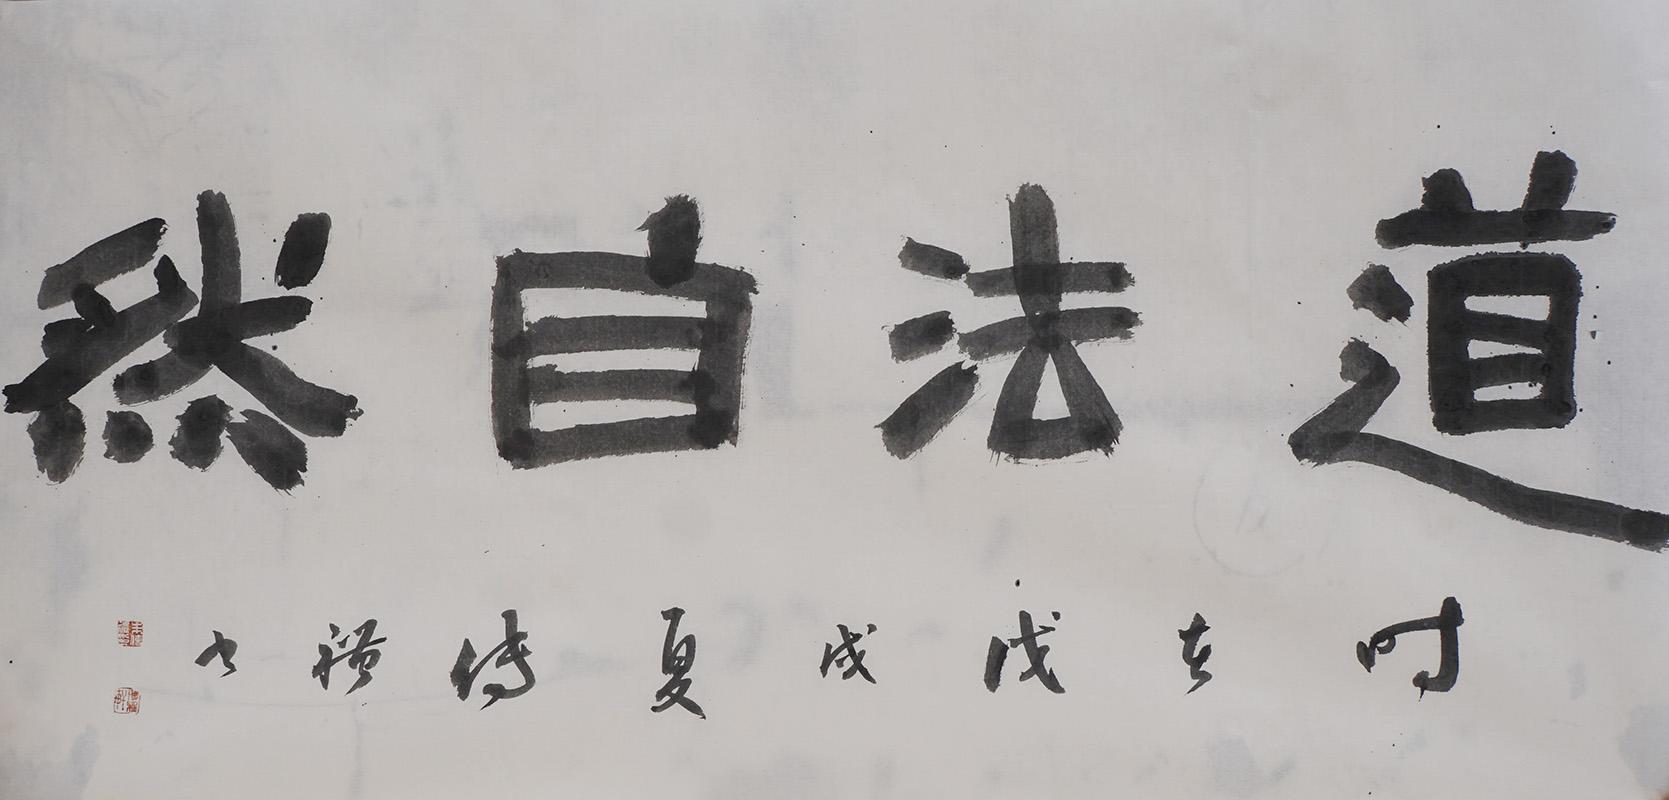 朱传礼作品之一 (3)